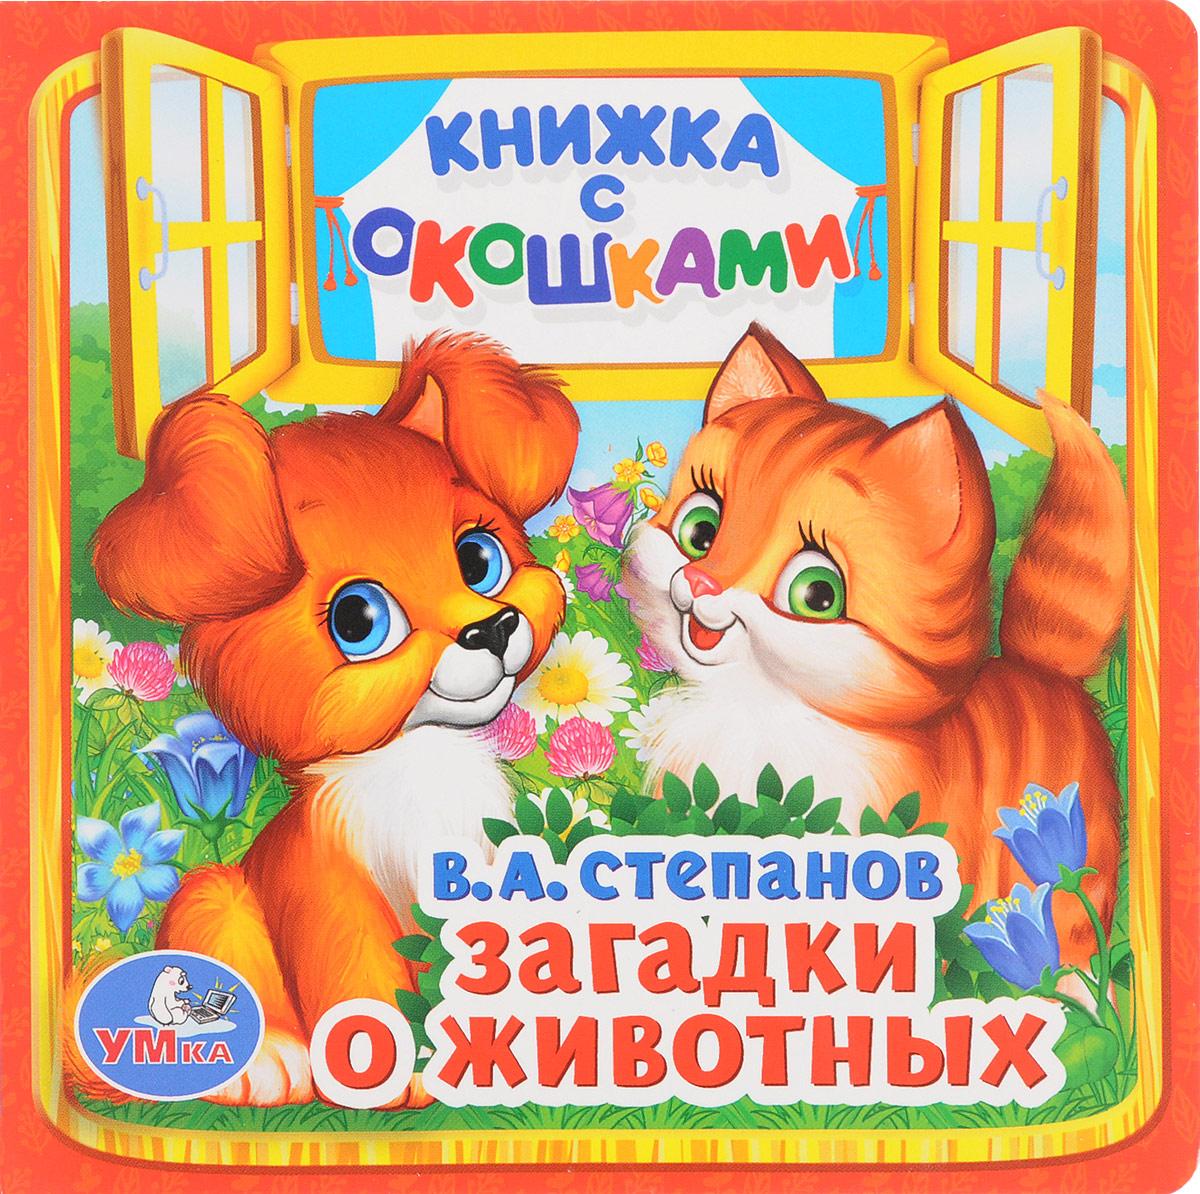 В. А. Степанов Загадки о животных владимир степанов загадки о животных